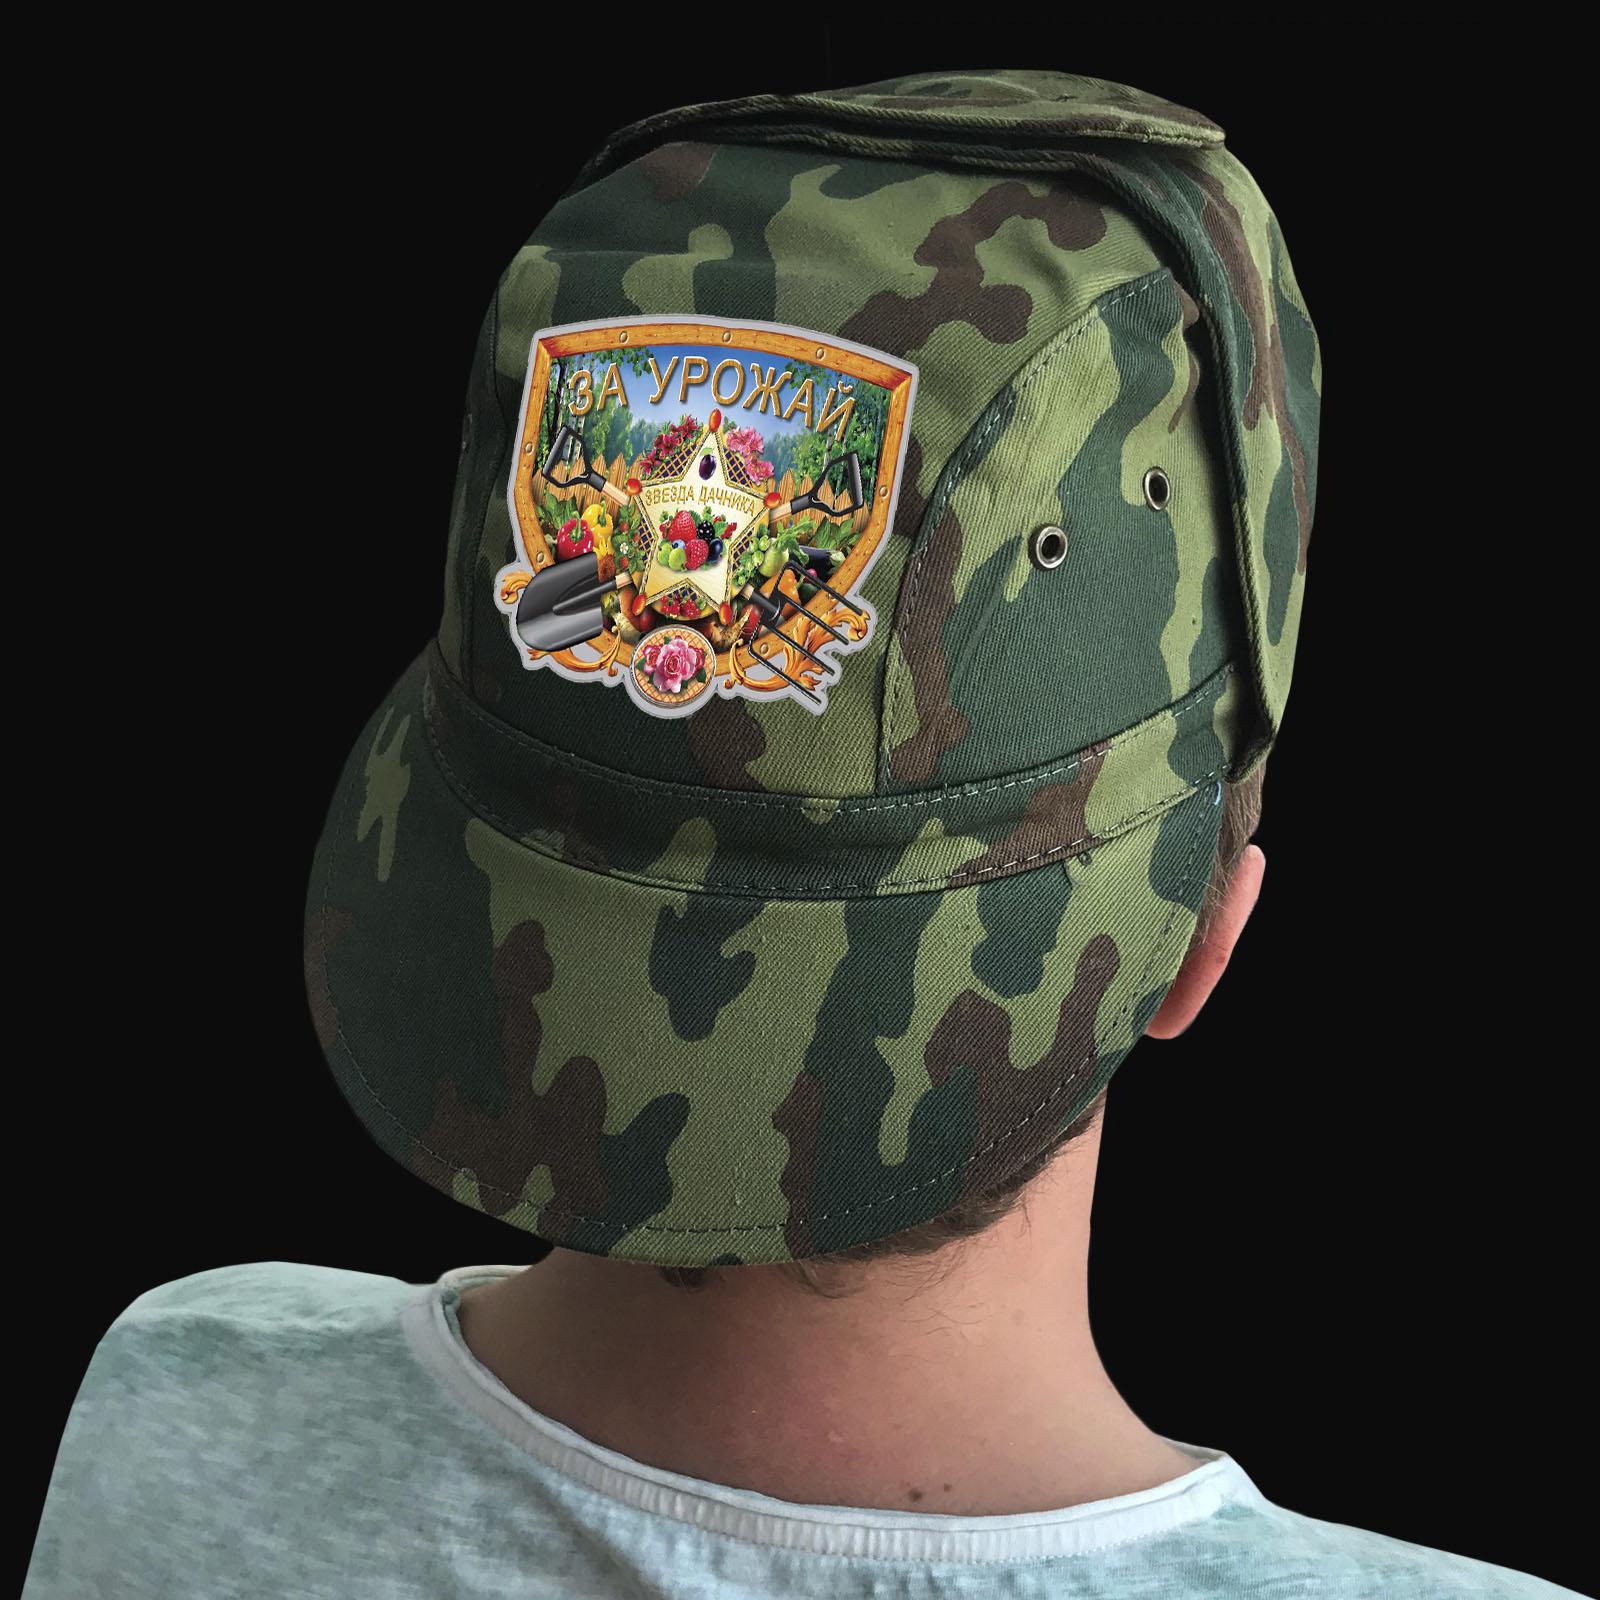 Купить милитари кепку с термотрансфером дачнику выгодно оптом